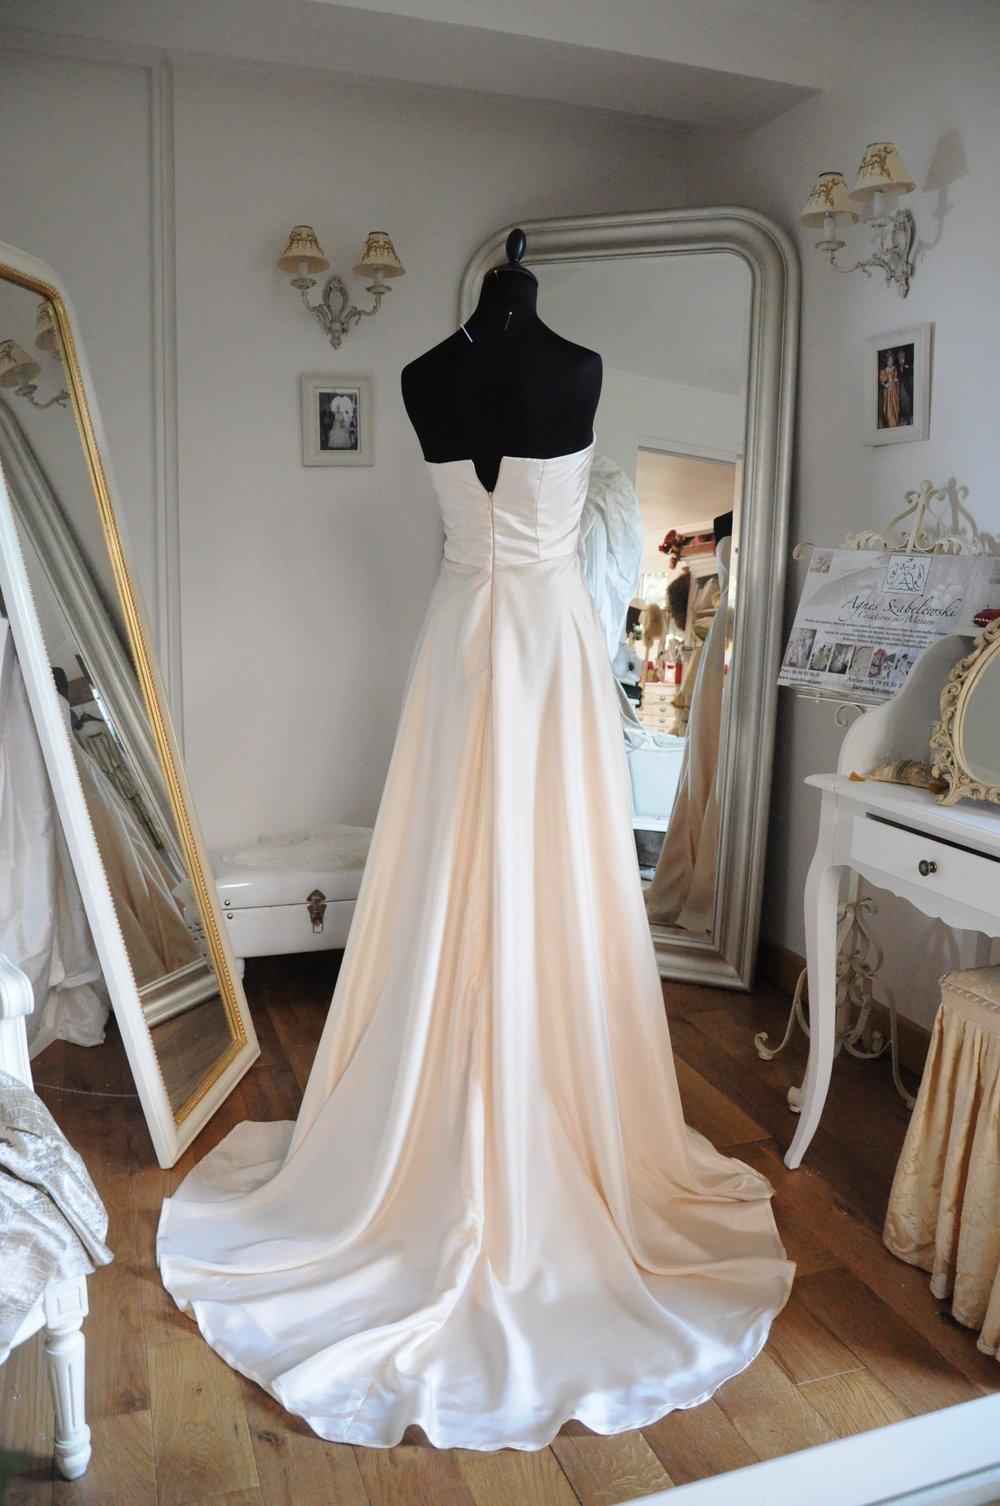 Robe de mariée Champagne fluide soie Agnes Szabelewski.jpg